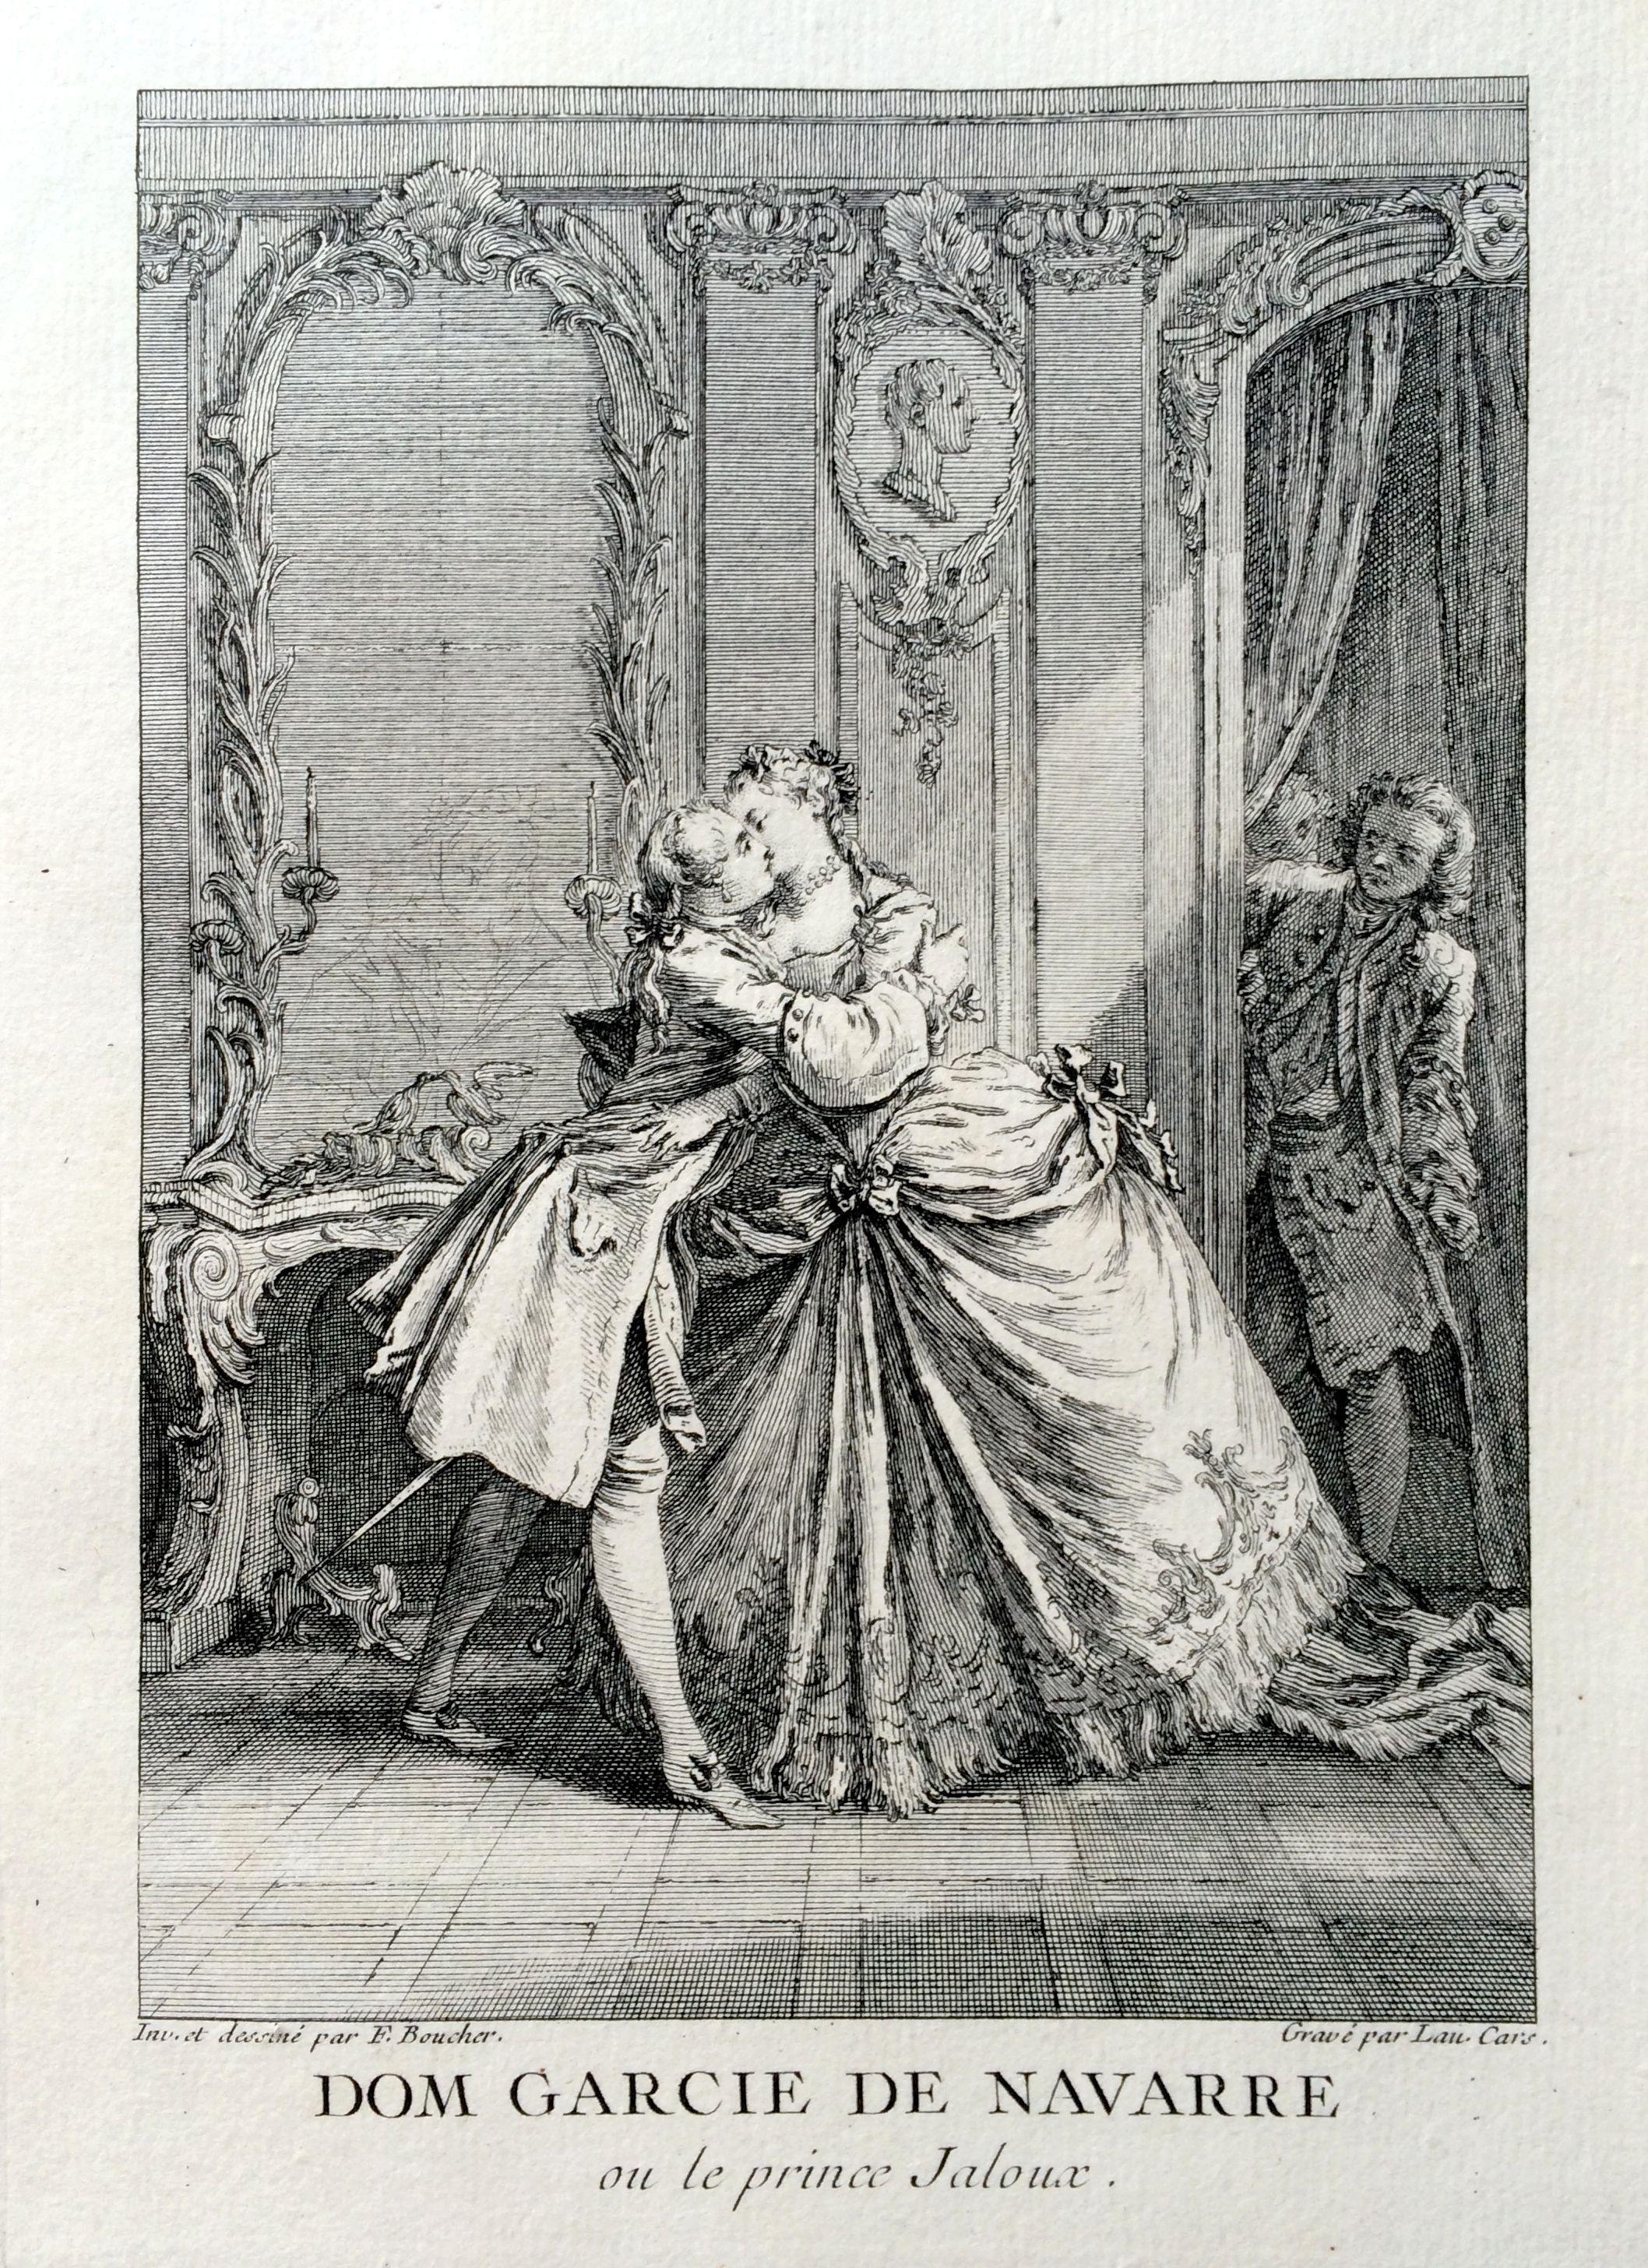 Dom Garcie de Navarre ou le prince jaloux - Molière - gravé par Laurent CARS d'après François BOUCHER - MAS Estampes Anciennes - Antique Prints since 1898